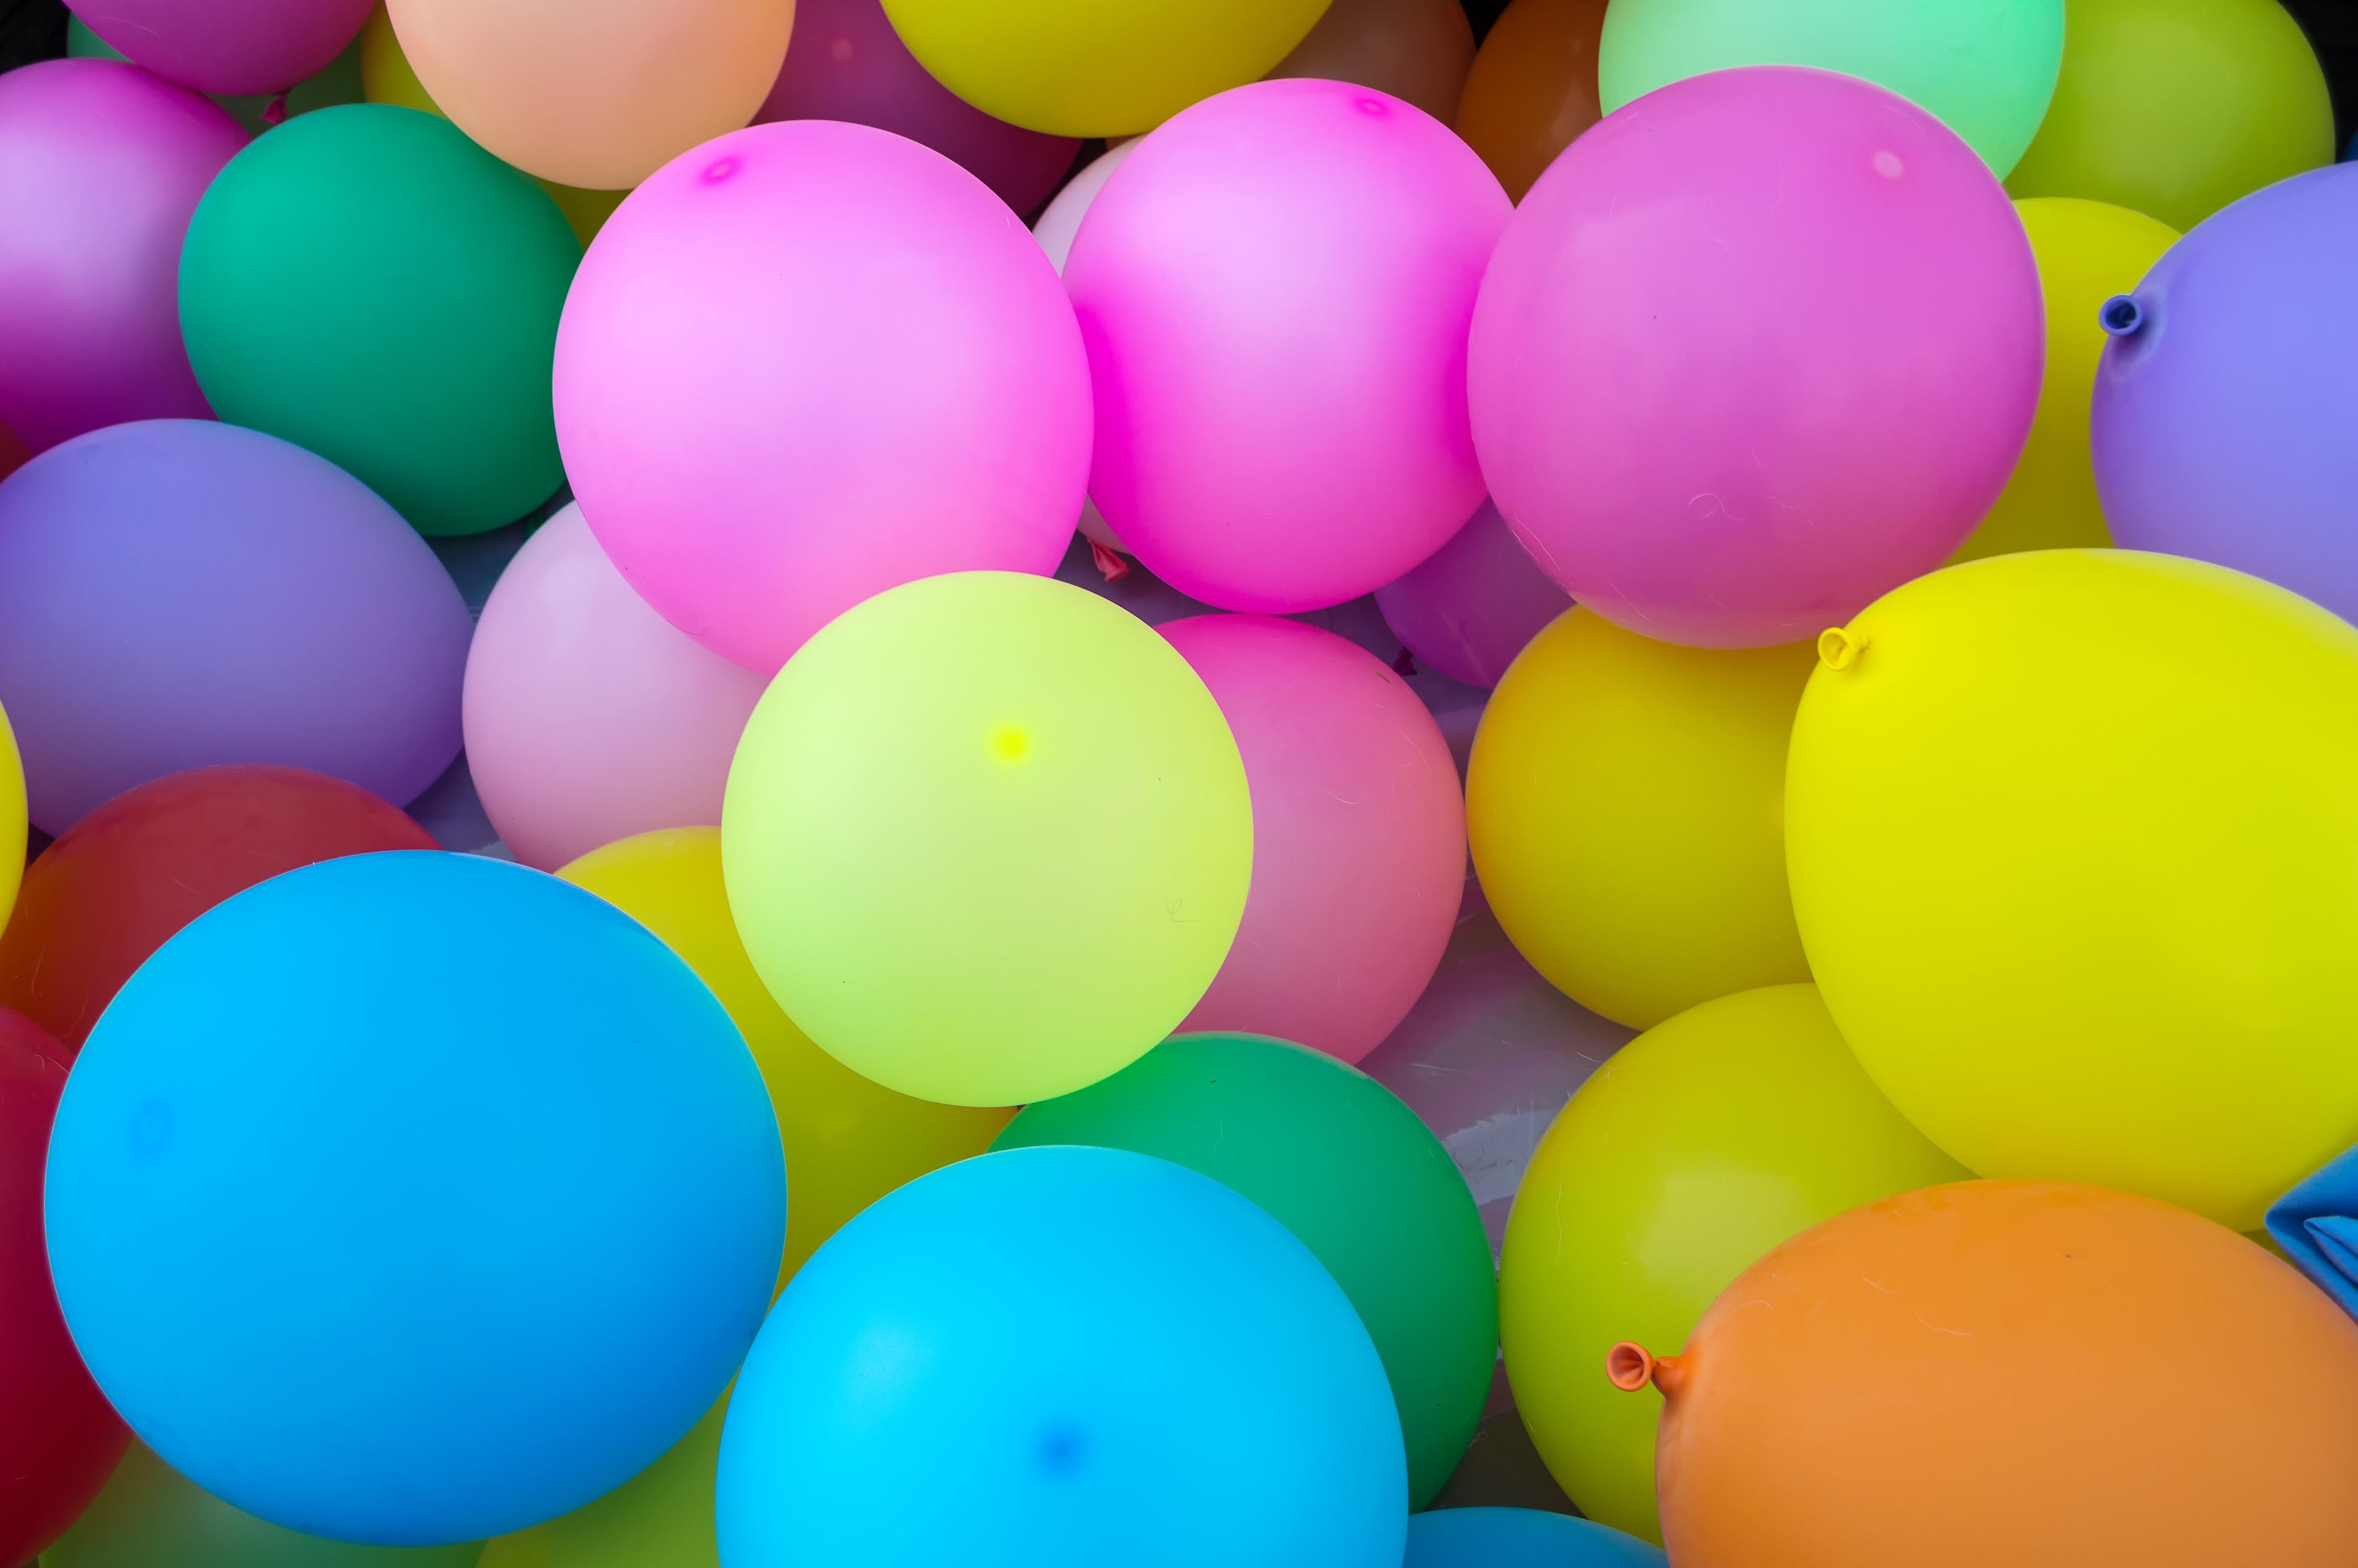 Картинка с шарами и цветами